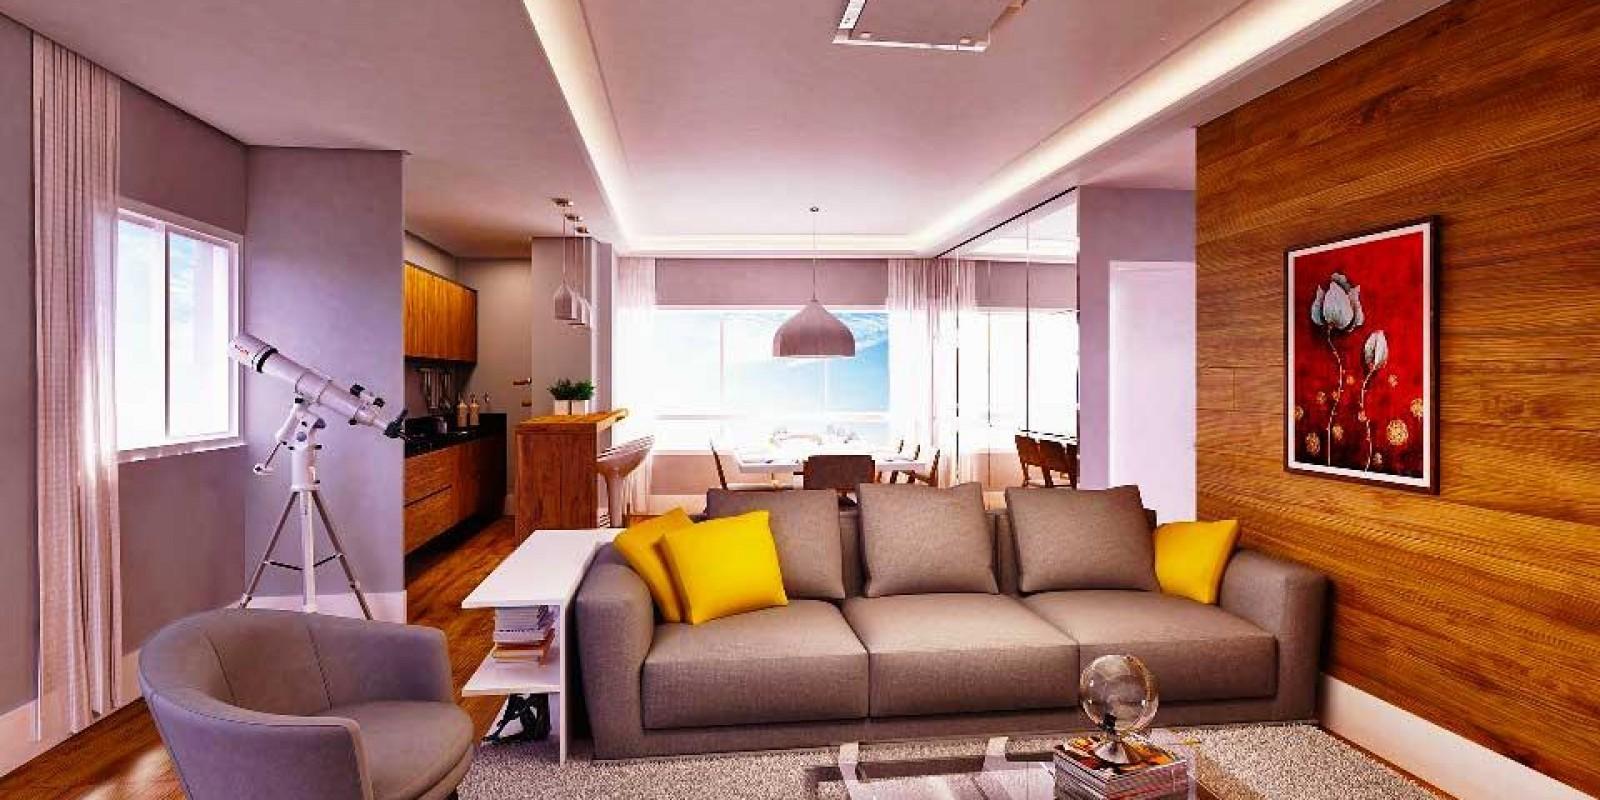 TPS Imóveis - Veja Foto 8 de 20 do Apartamento Studio Perto PUC-RS